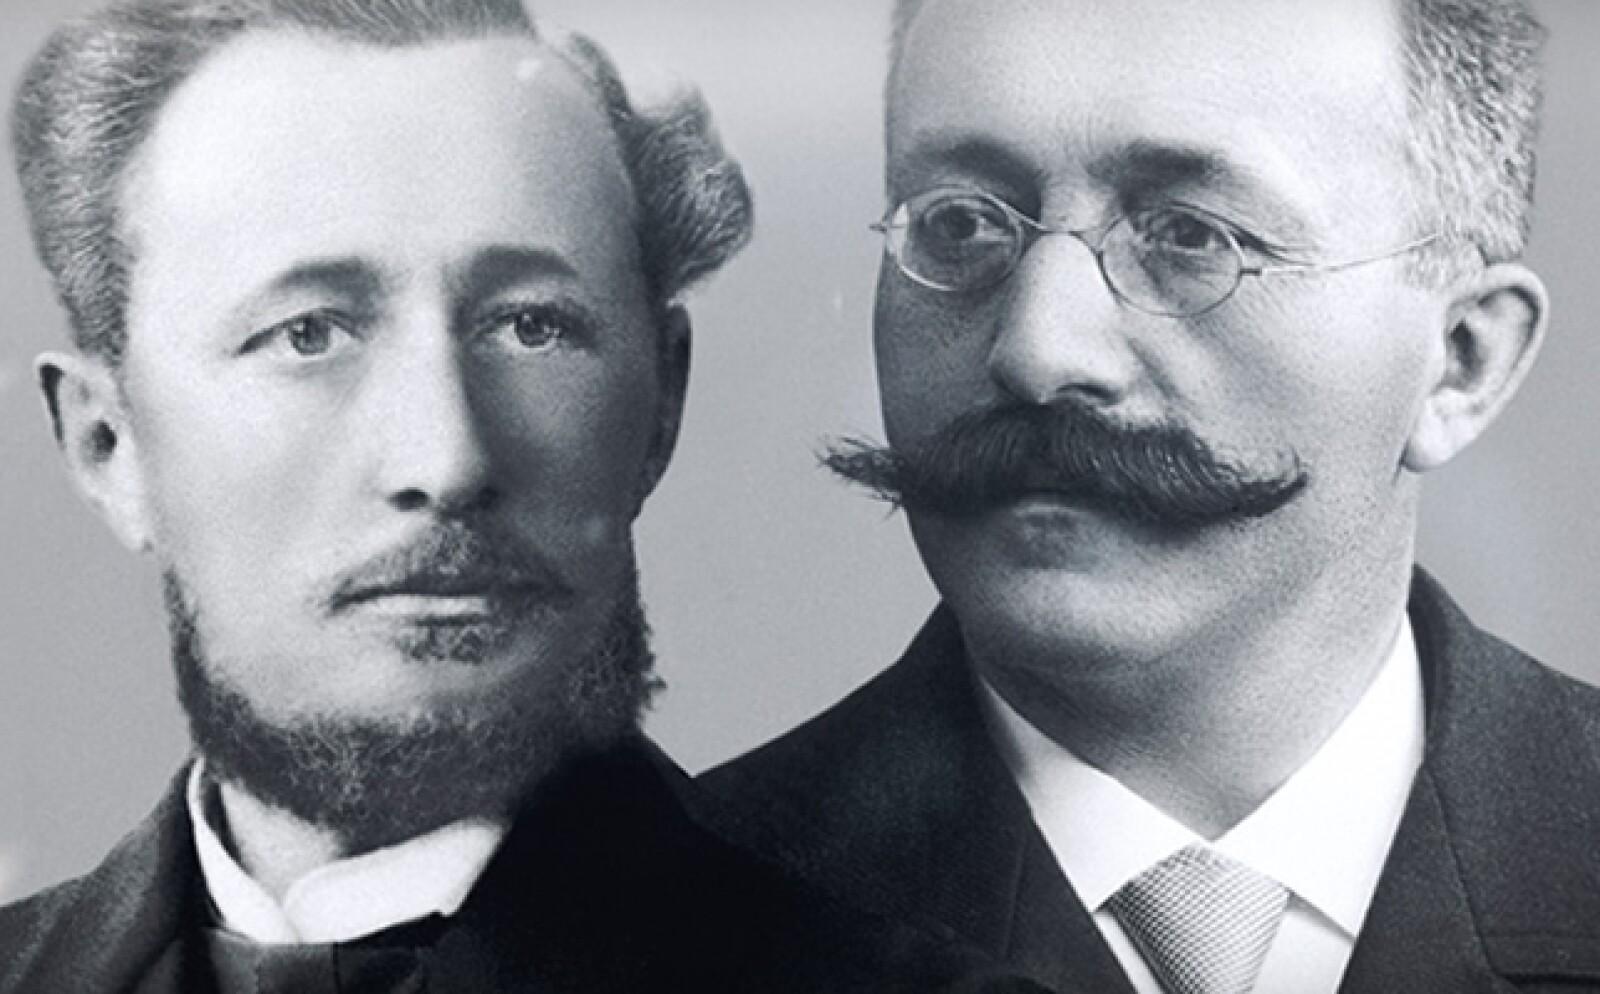 La firma de alta relojería Audemars Piguet fue fundada en 1875 en Le Brassus, Suiza. Hoy en día es la manufacturera más antigua que aún pertenece a las familias de sus fundadores.